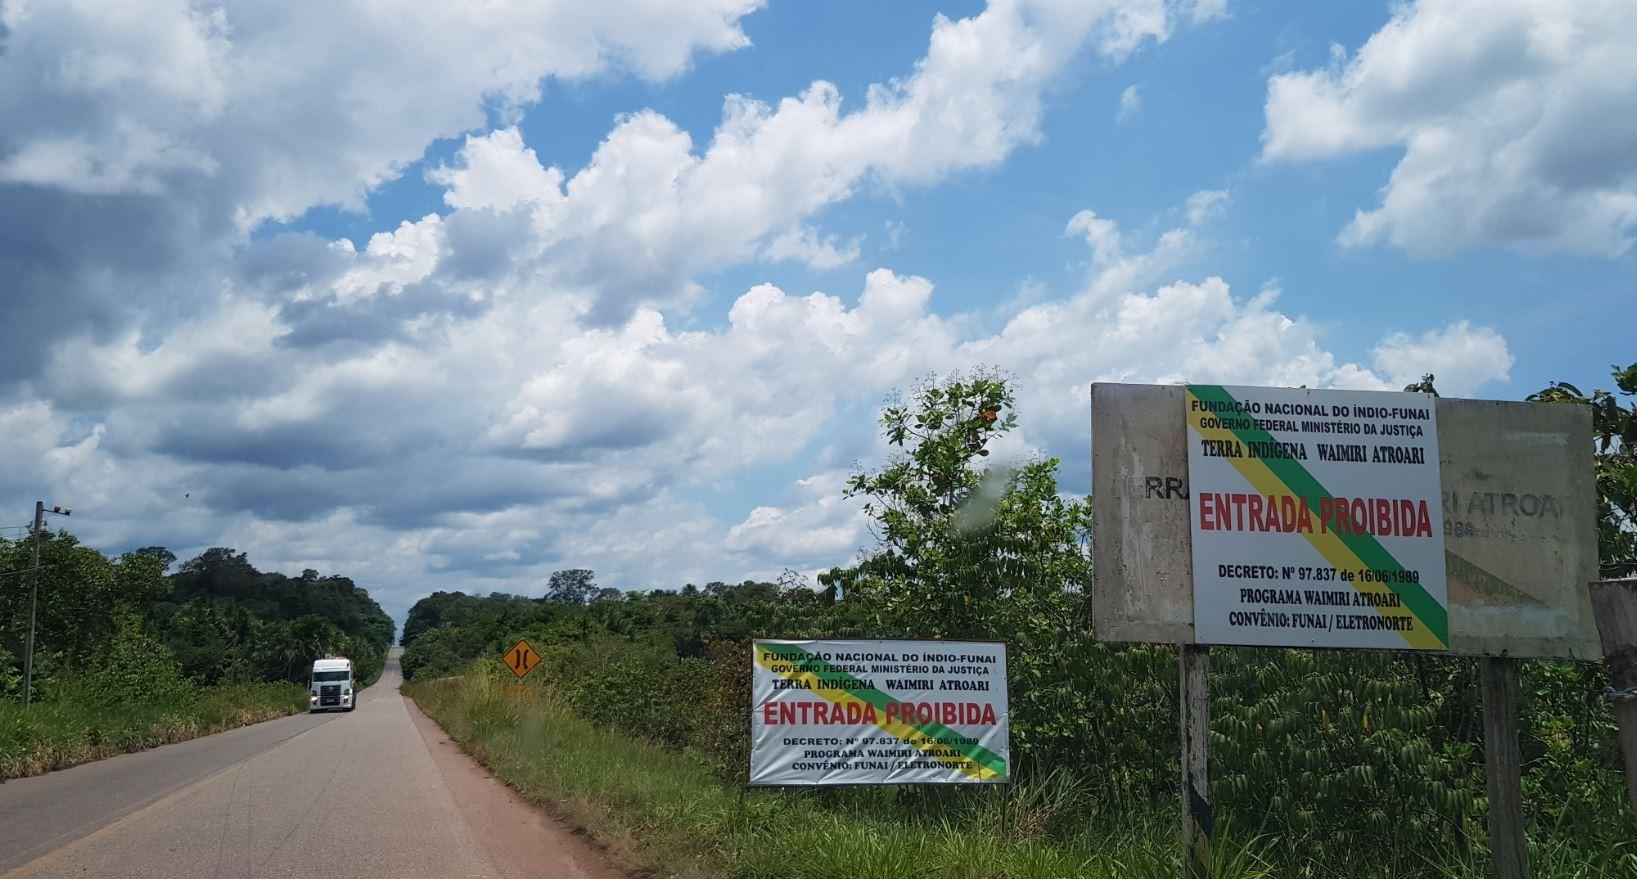 Fora do sistema nacional, Roraima registra constantes quedas de energia em cidades do interior